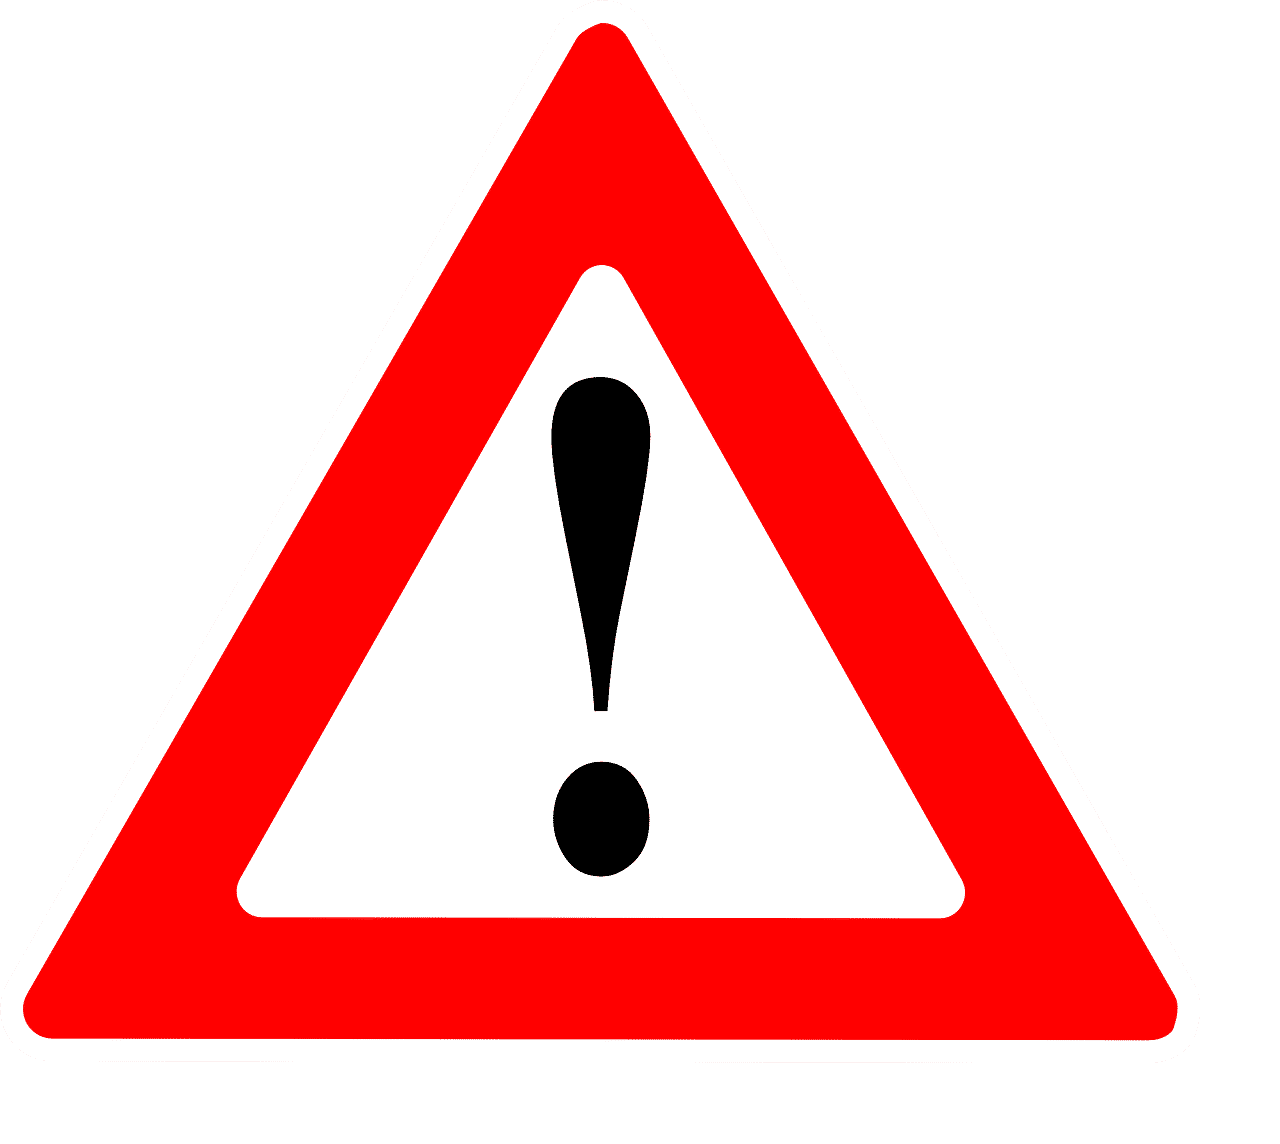 Attention Warning Sign Danger  - Clker-Free-Vector-Images / Pixabay